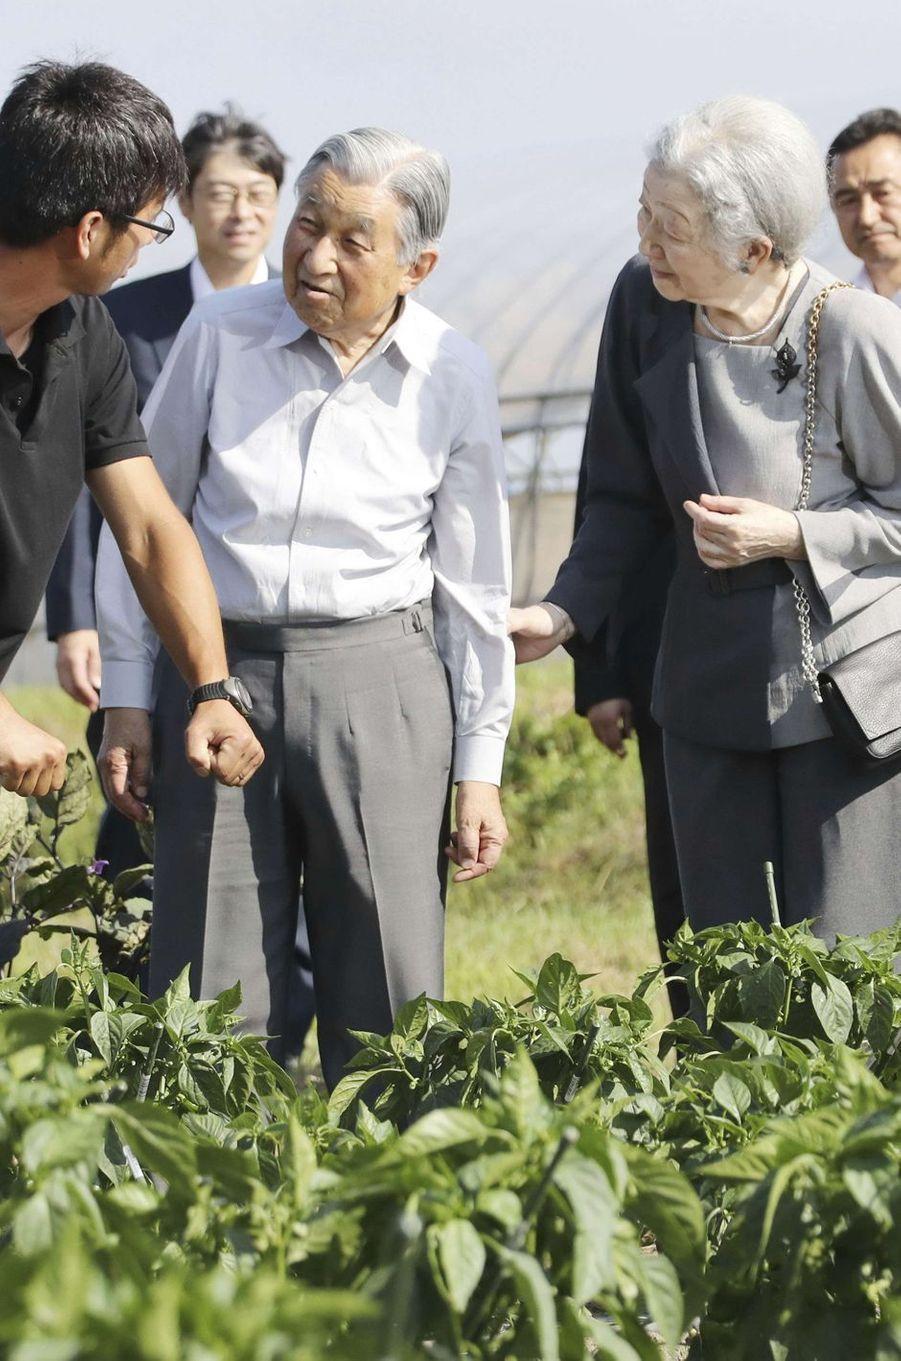 L'empereur Akihito du Japon et l'impératrice Michiko à Kitahiroshima, le 3 août 2018